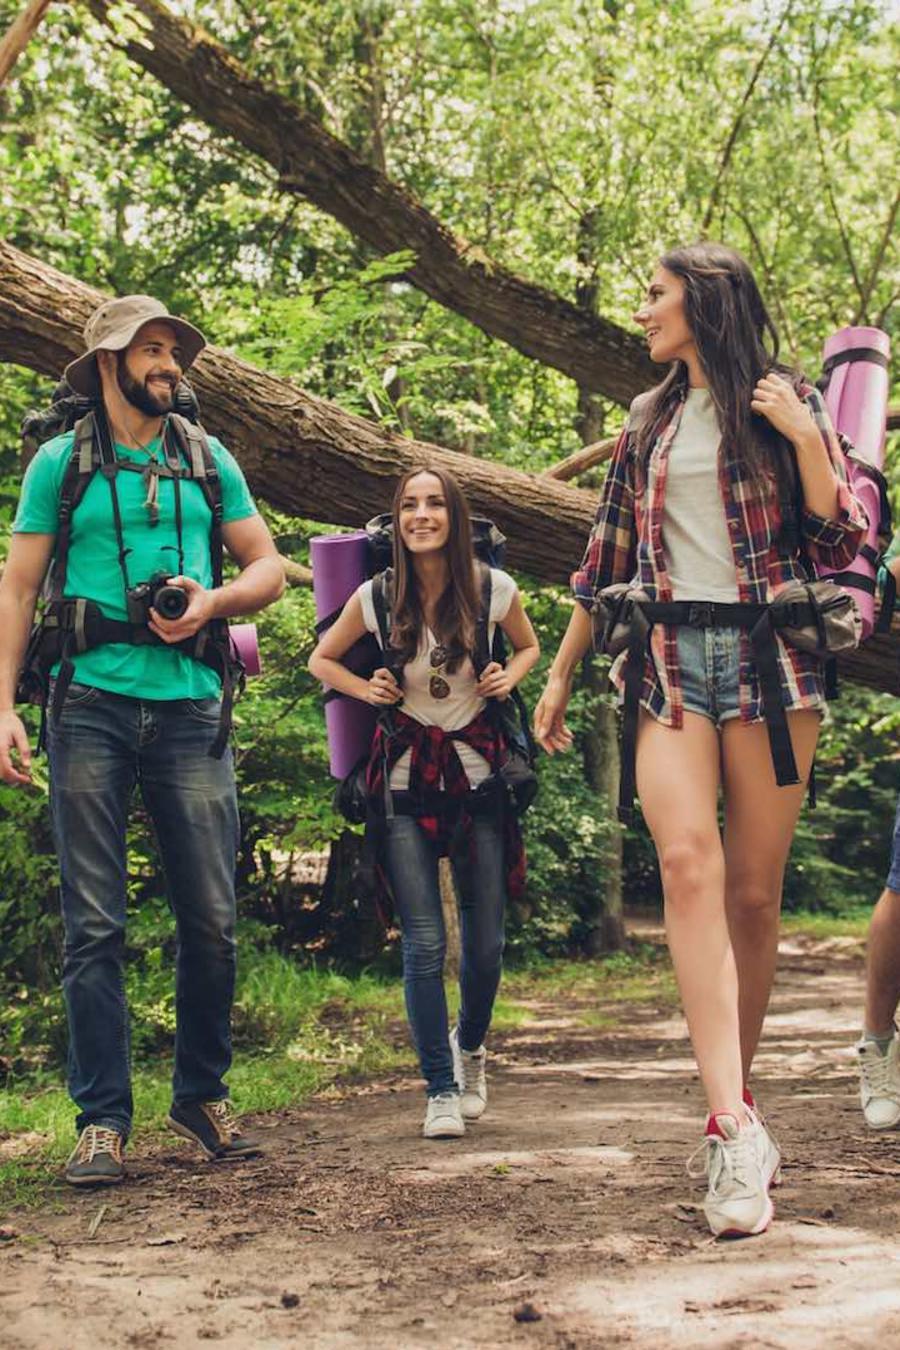 Amigos caminando por un bosque